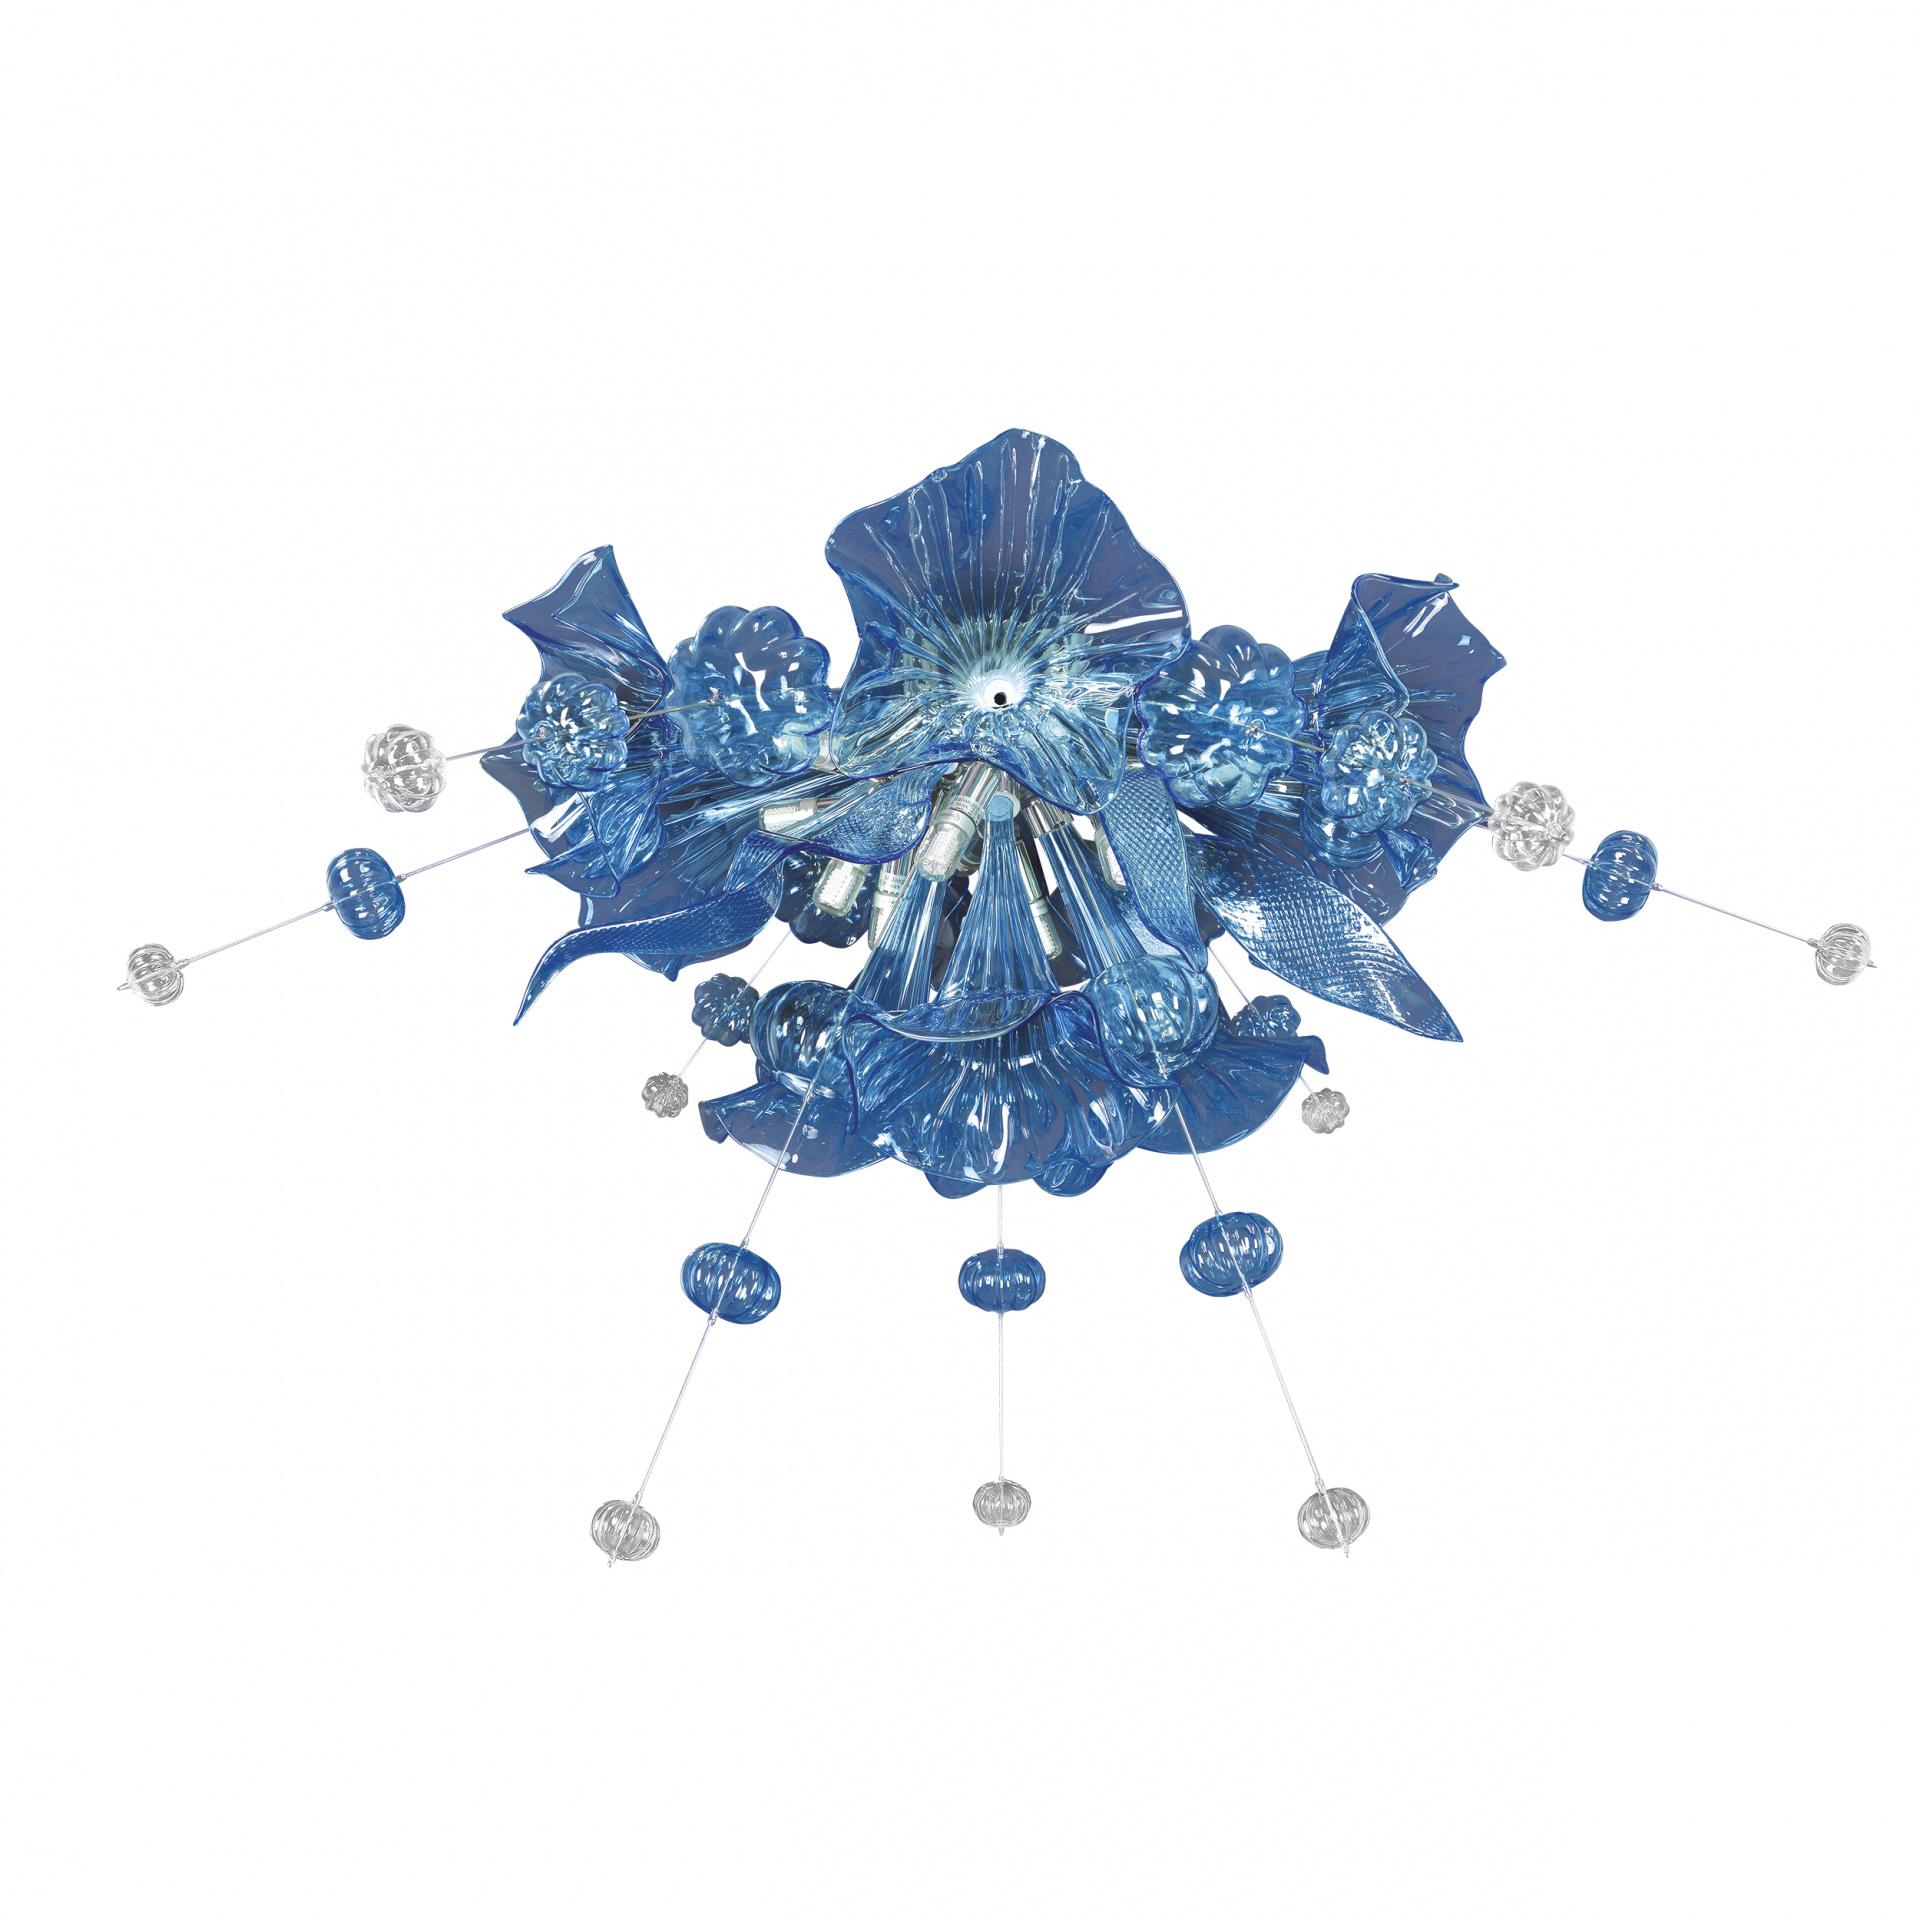 Люстра потолочная Celesta 12х6W (Led) G9 небесно голубой Lightstar 893021, купить в СПб, Москве, с доставкой, Санкт-Петербург, интернет-магазин люстр и светильников Starlight, фото в жизни